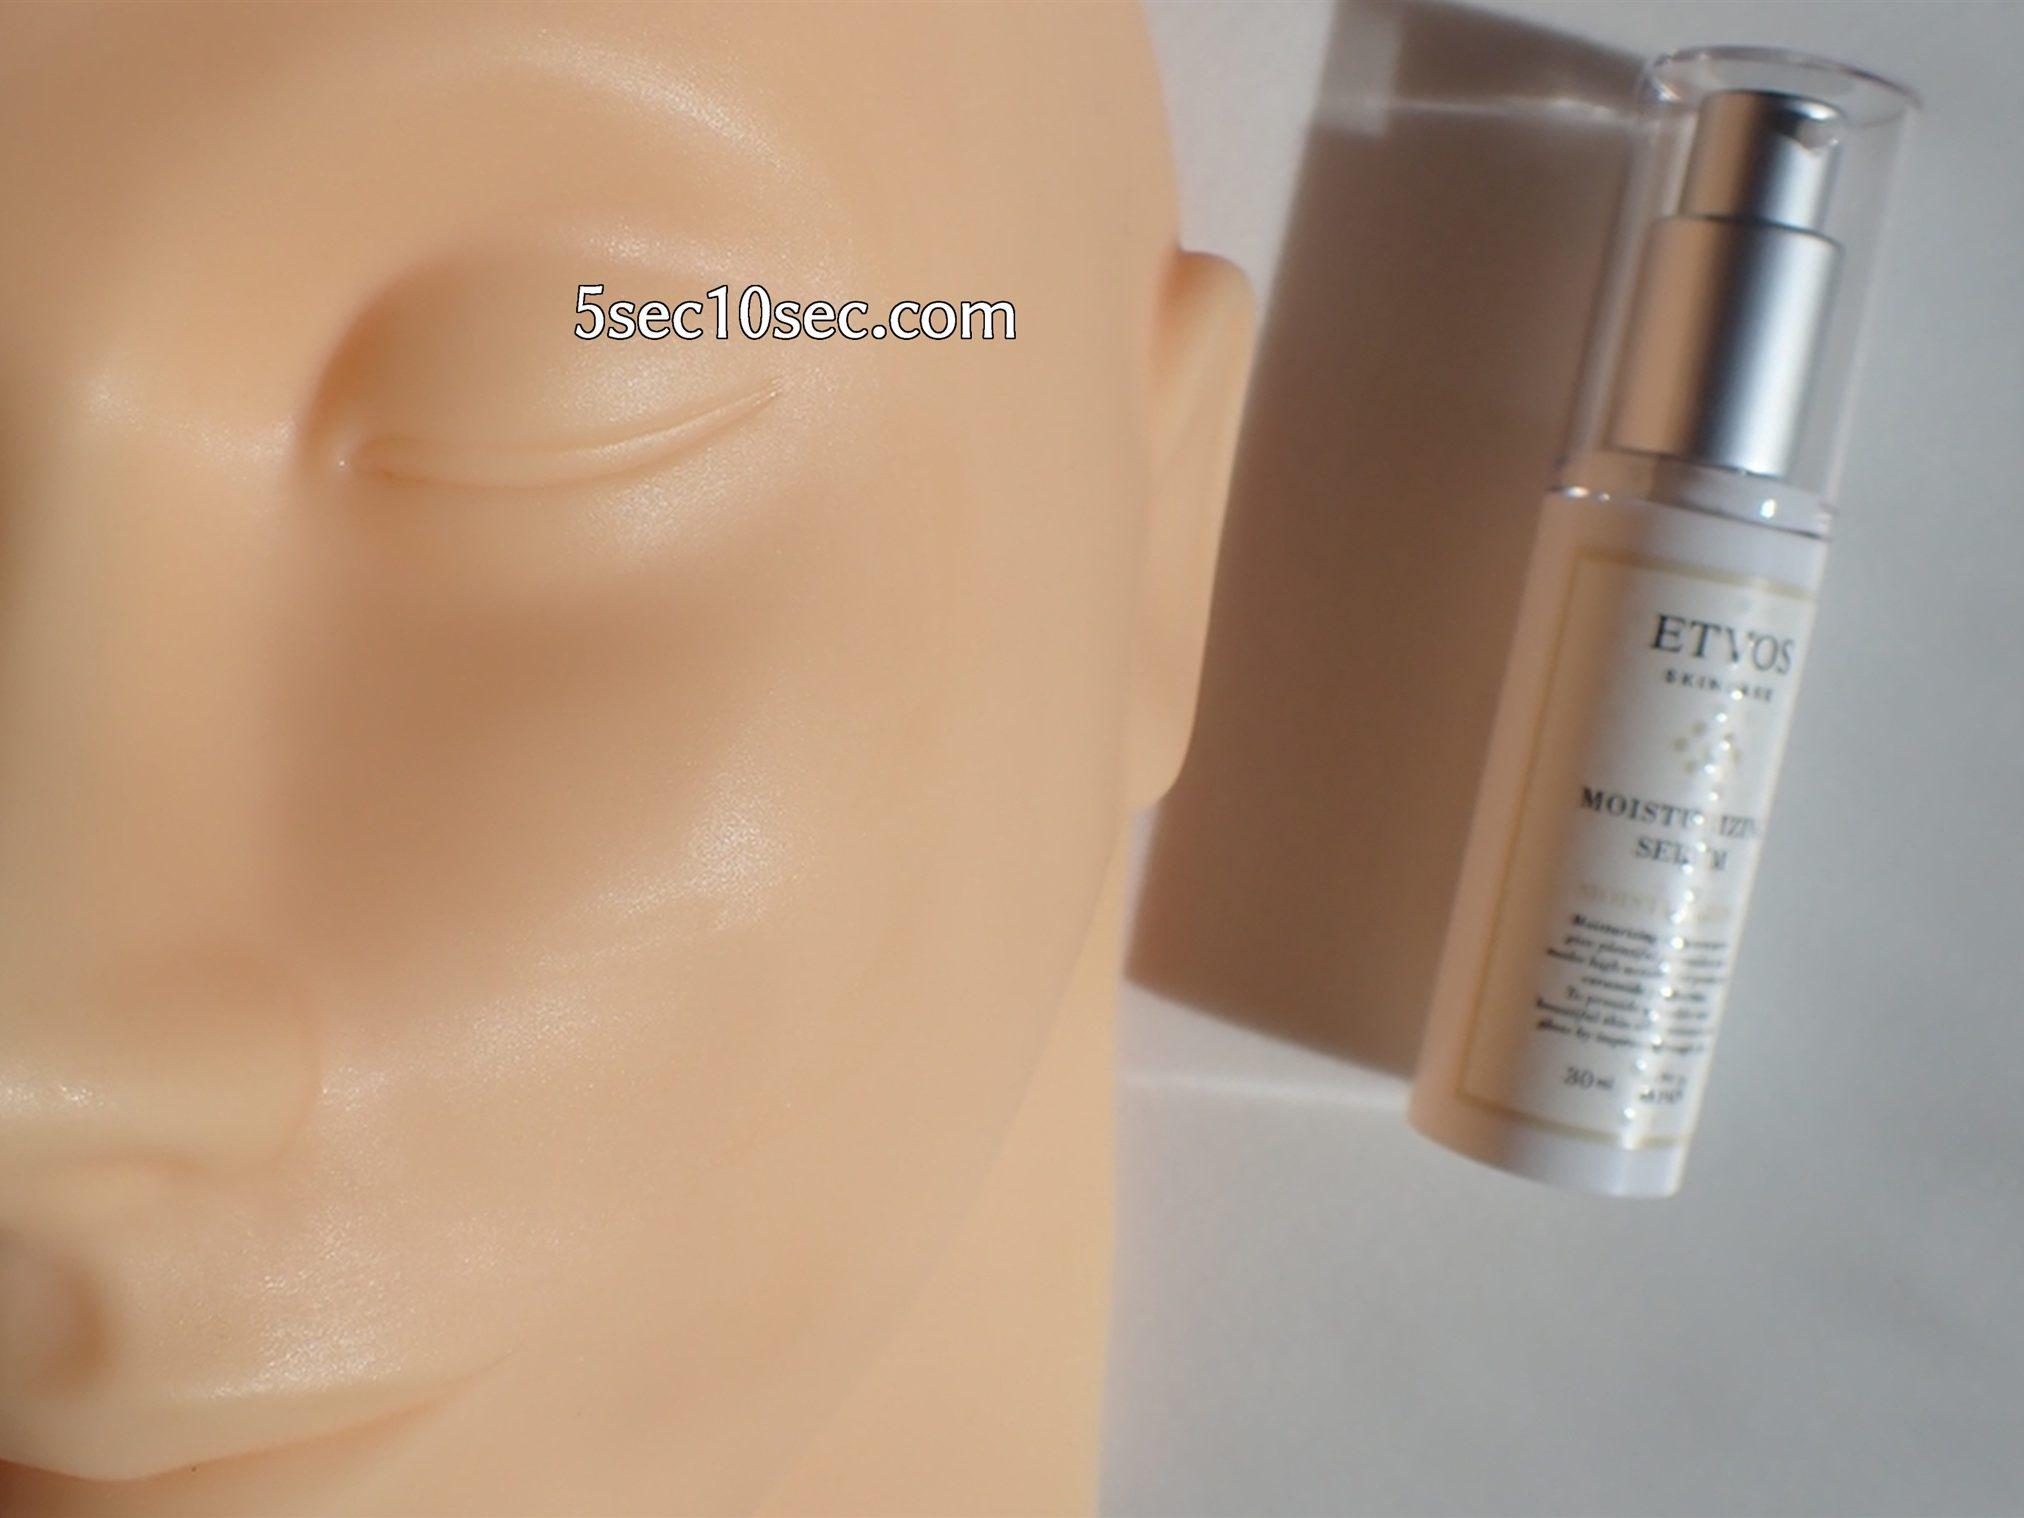 エトヴォス ETVOS モイスチャライジングローションS モイスチャライジングセラムS モイスチャーラインSサイズセット 保湿美容液・乳液 薄く軽く、スッと馴染んで高保湿のつけ心地です